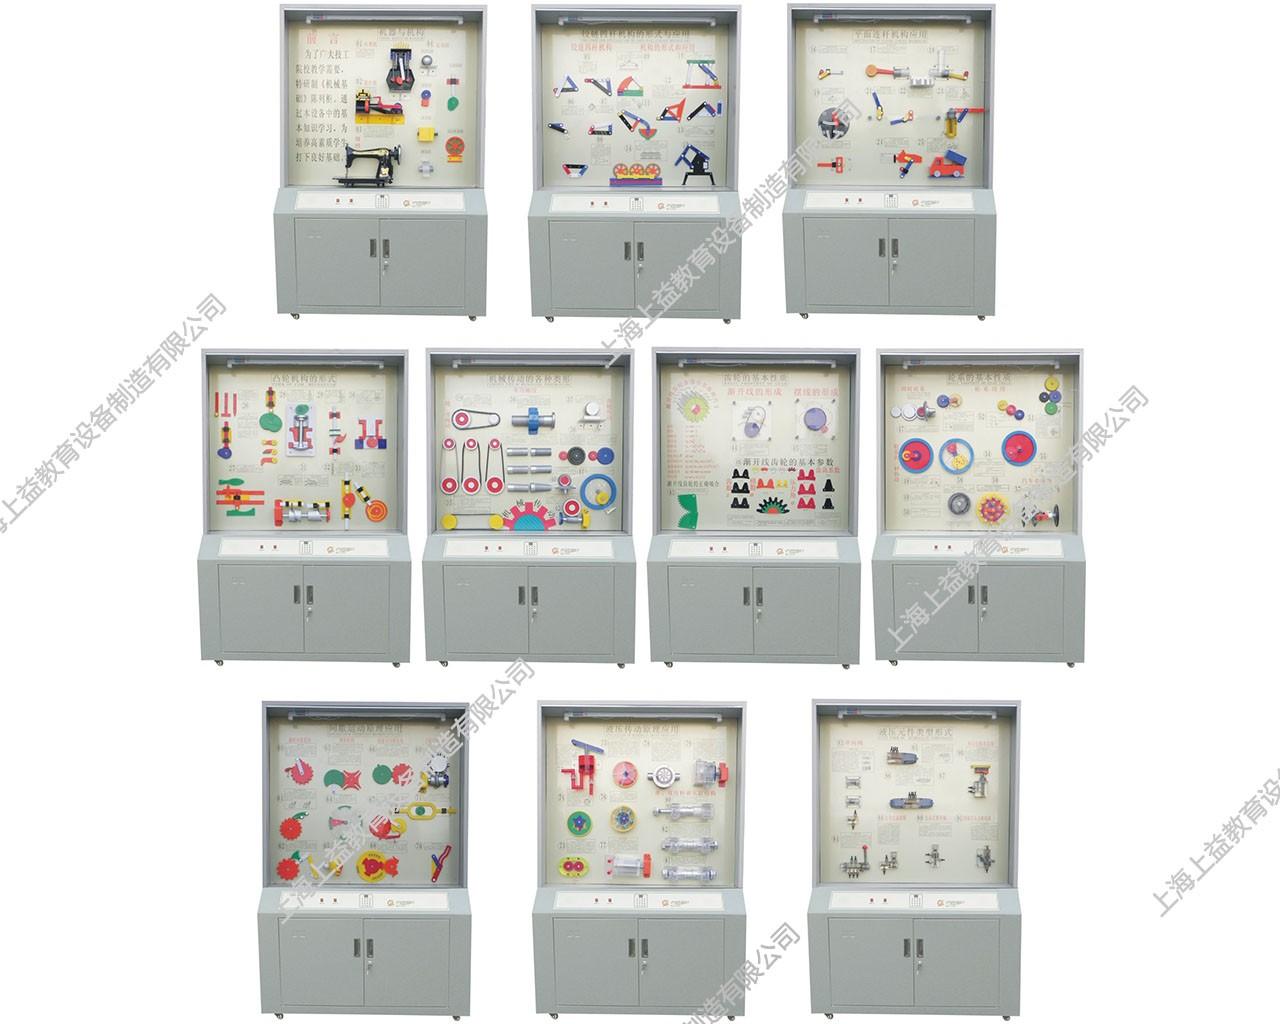 SYGLG-118 机械设计基础语音多功能控制陈列柜